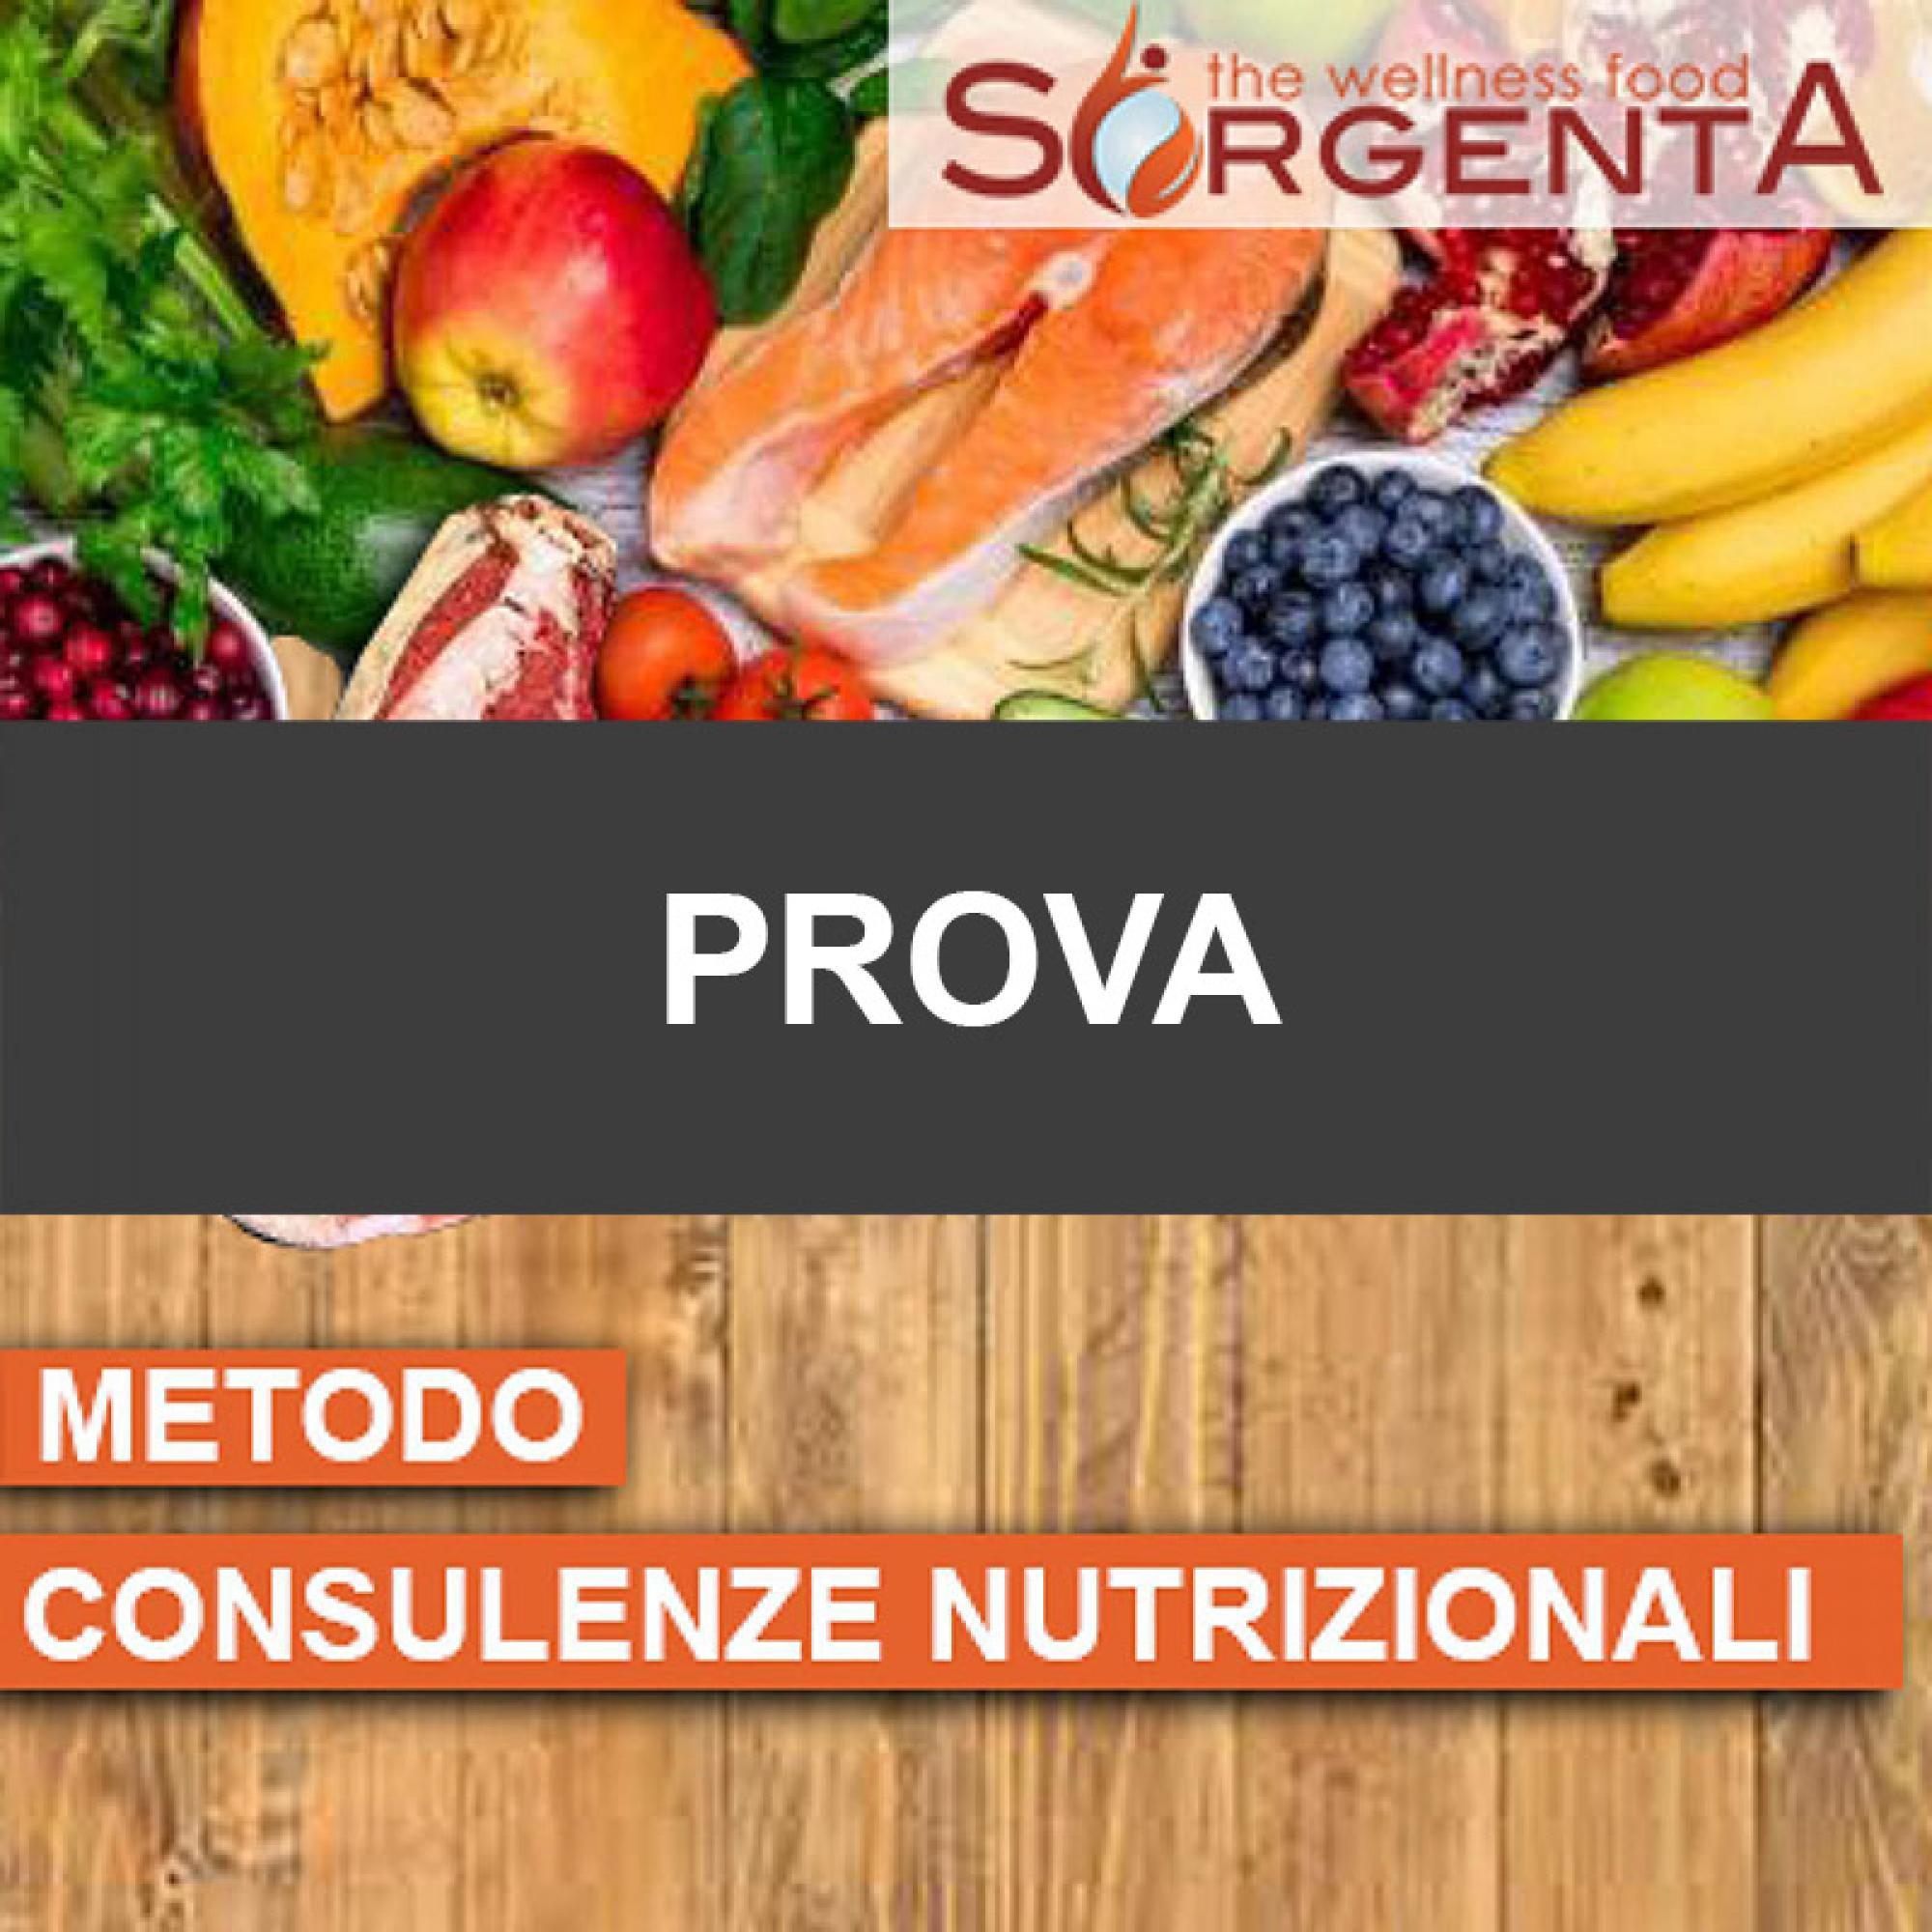 consulenza nutrizionale per perdere peso